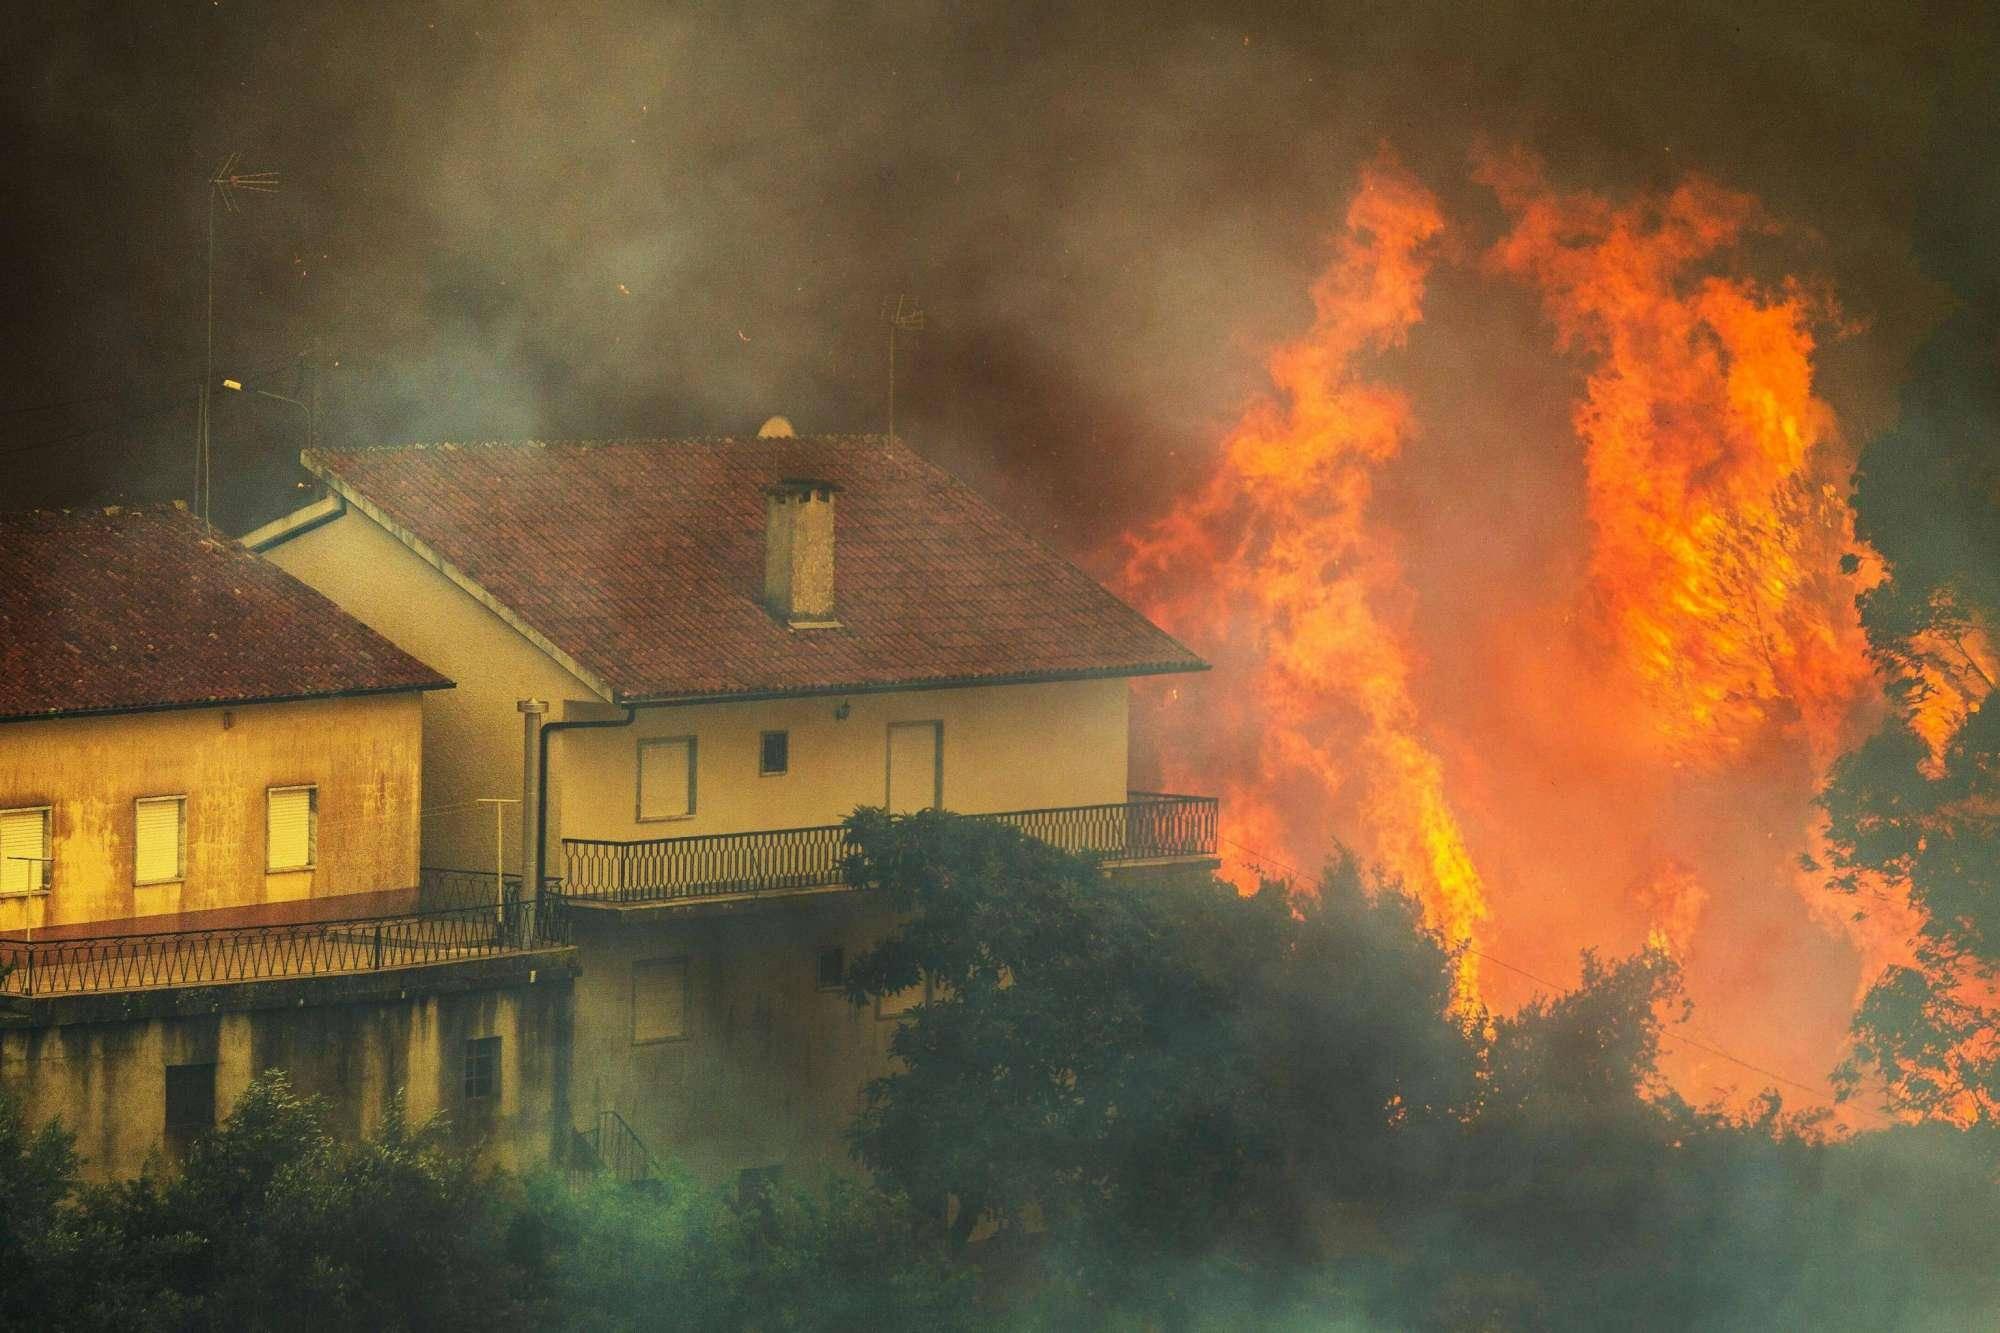 Un altro grande incendio in Portogallo